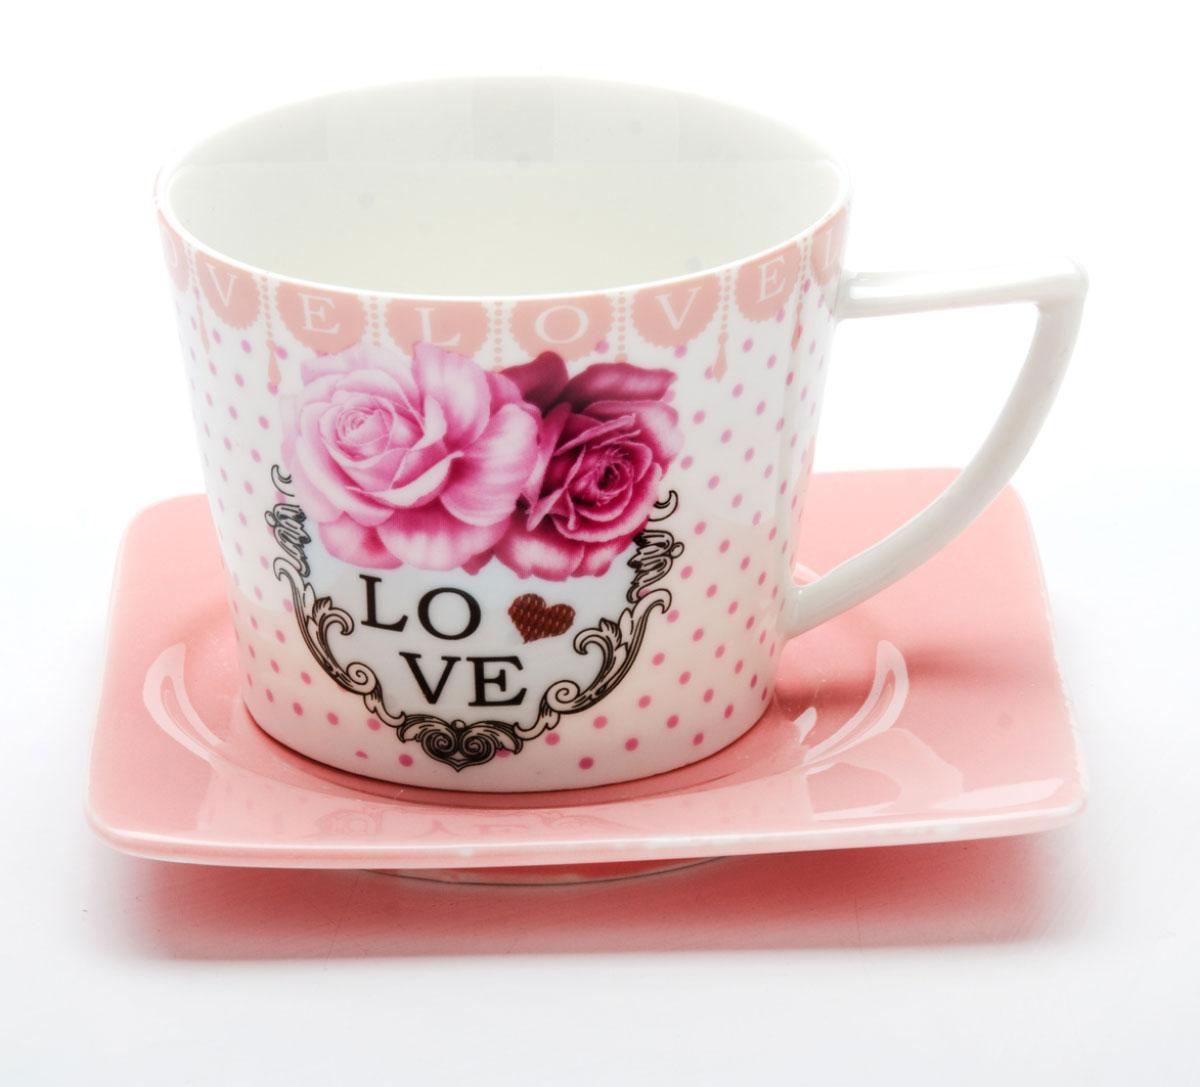 Чайная пара Loraine I LOVE YOU, 230 мл, 2 предмета. 2470924709Этот чайный набор, выполненный из керамики, состоит из одной чашки и блюдца. Предметы набора оформлены ярким изображением I LOVE YOU. Изящный дизайн и красочность оформления придутся по вкусу и ценителям классики, и тем, кто предпочитает утонченность и изысканность. Чайный набор - идеальный и необходимый подарок для вашего дома и для ваших друзей в праздники, юбилеи и торжества! Он также станет отличным корпоративным подарком и украшением любой кухни. Чайный набор упакован в подарочную коробку из плотного цветного картона. Внутренняя часть коробки задрапирована белым атласом.